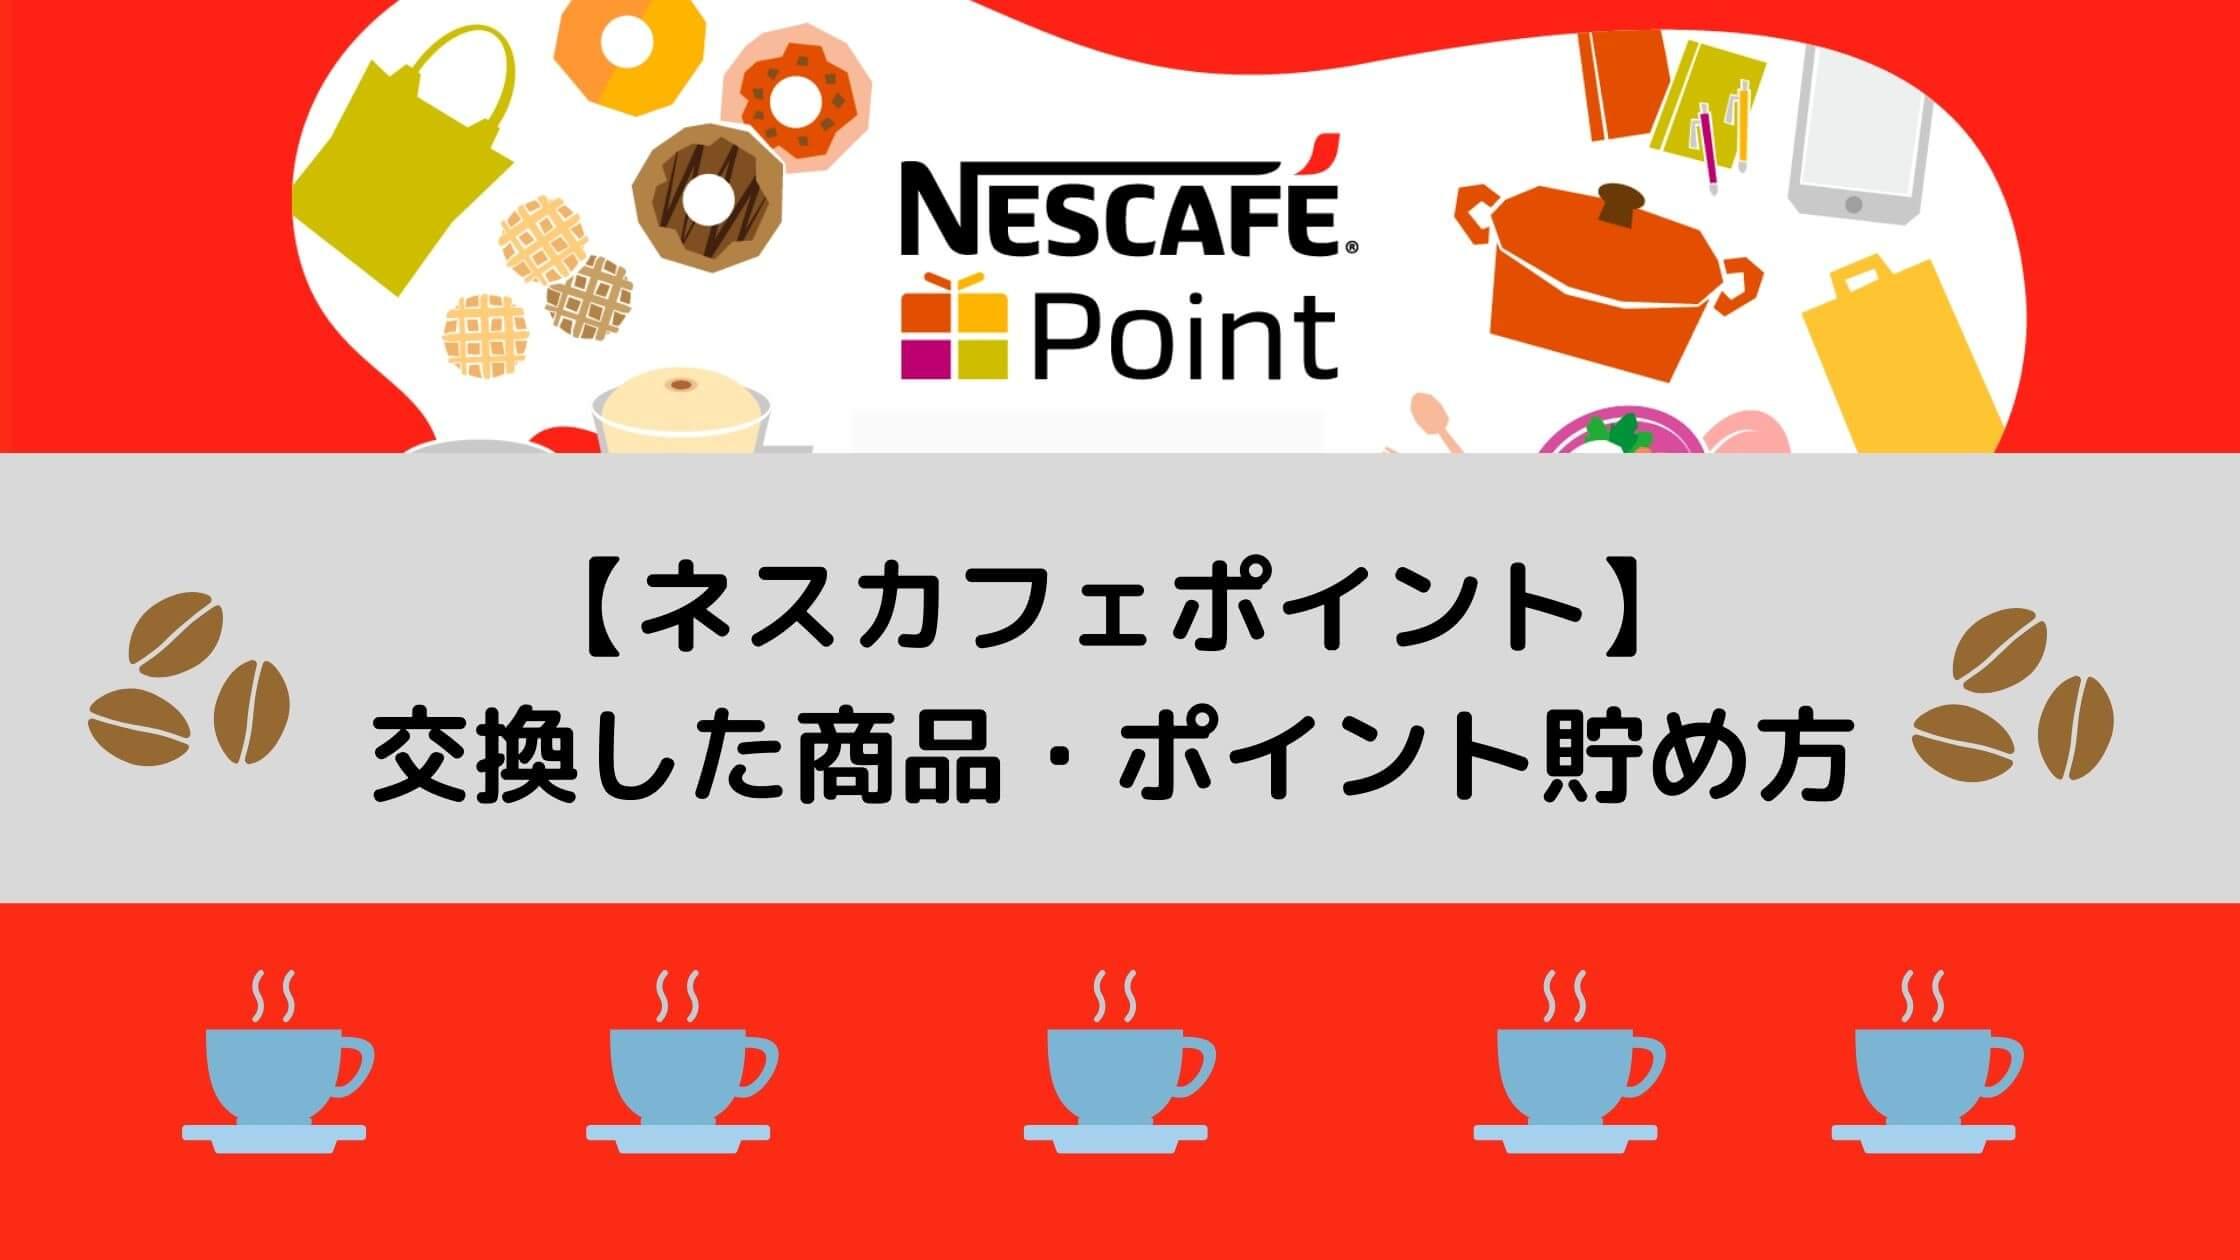 バリスタ ネスレ ネスカフェ ポイント 商品 景品 抽選 交換 貯め方 2倍 アプリ おすすめ 使い方